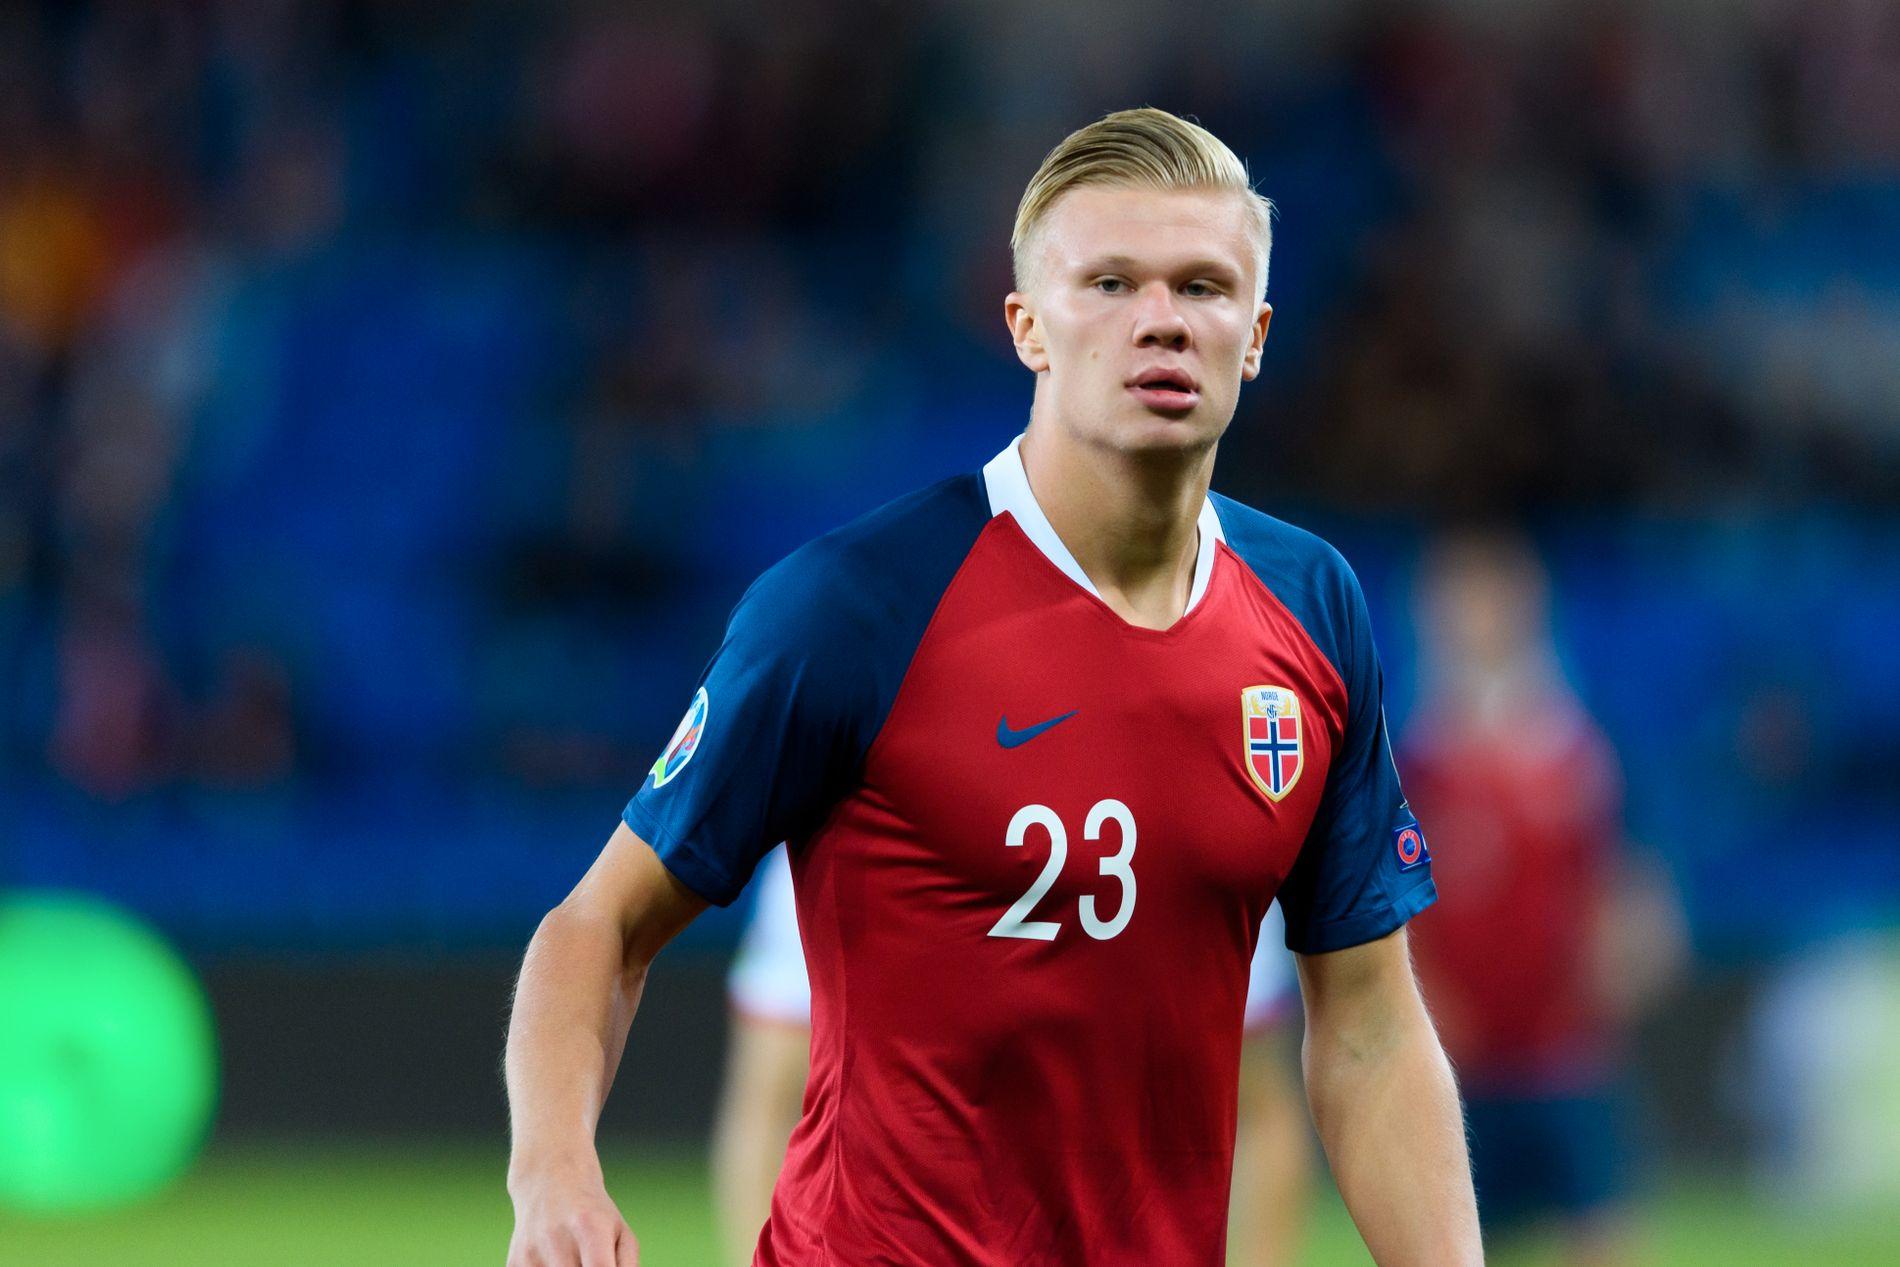 Erling Braut Haaland var ikke engang født sist Norge var i EM. Torsdag fikk han sin landslagsdebut.